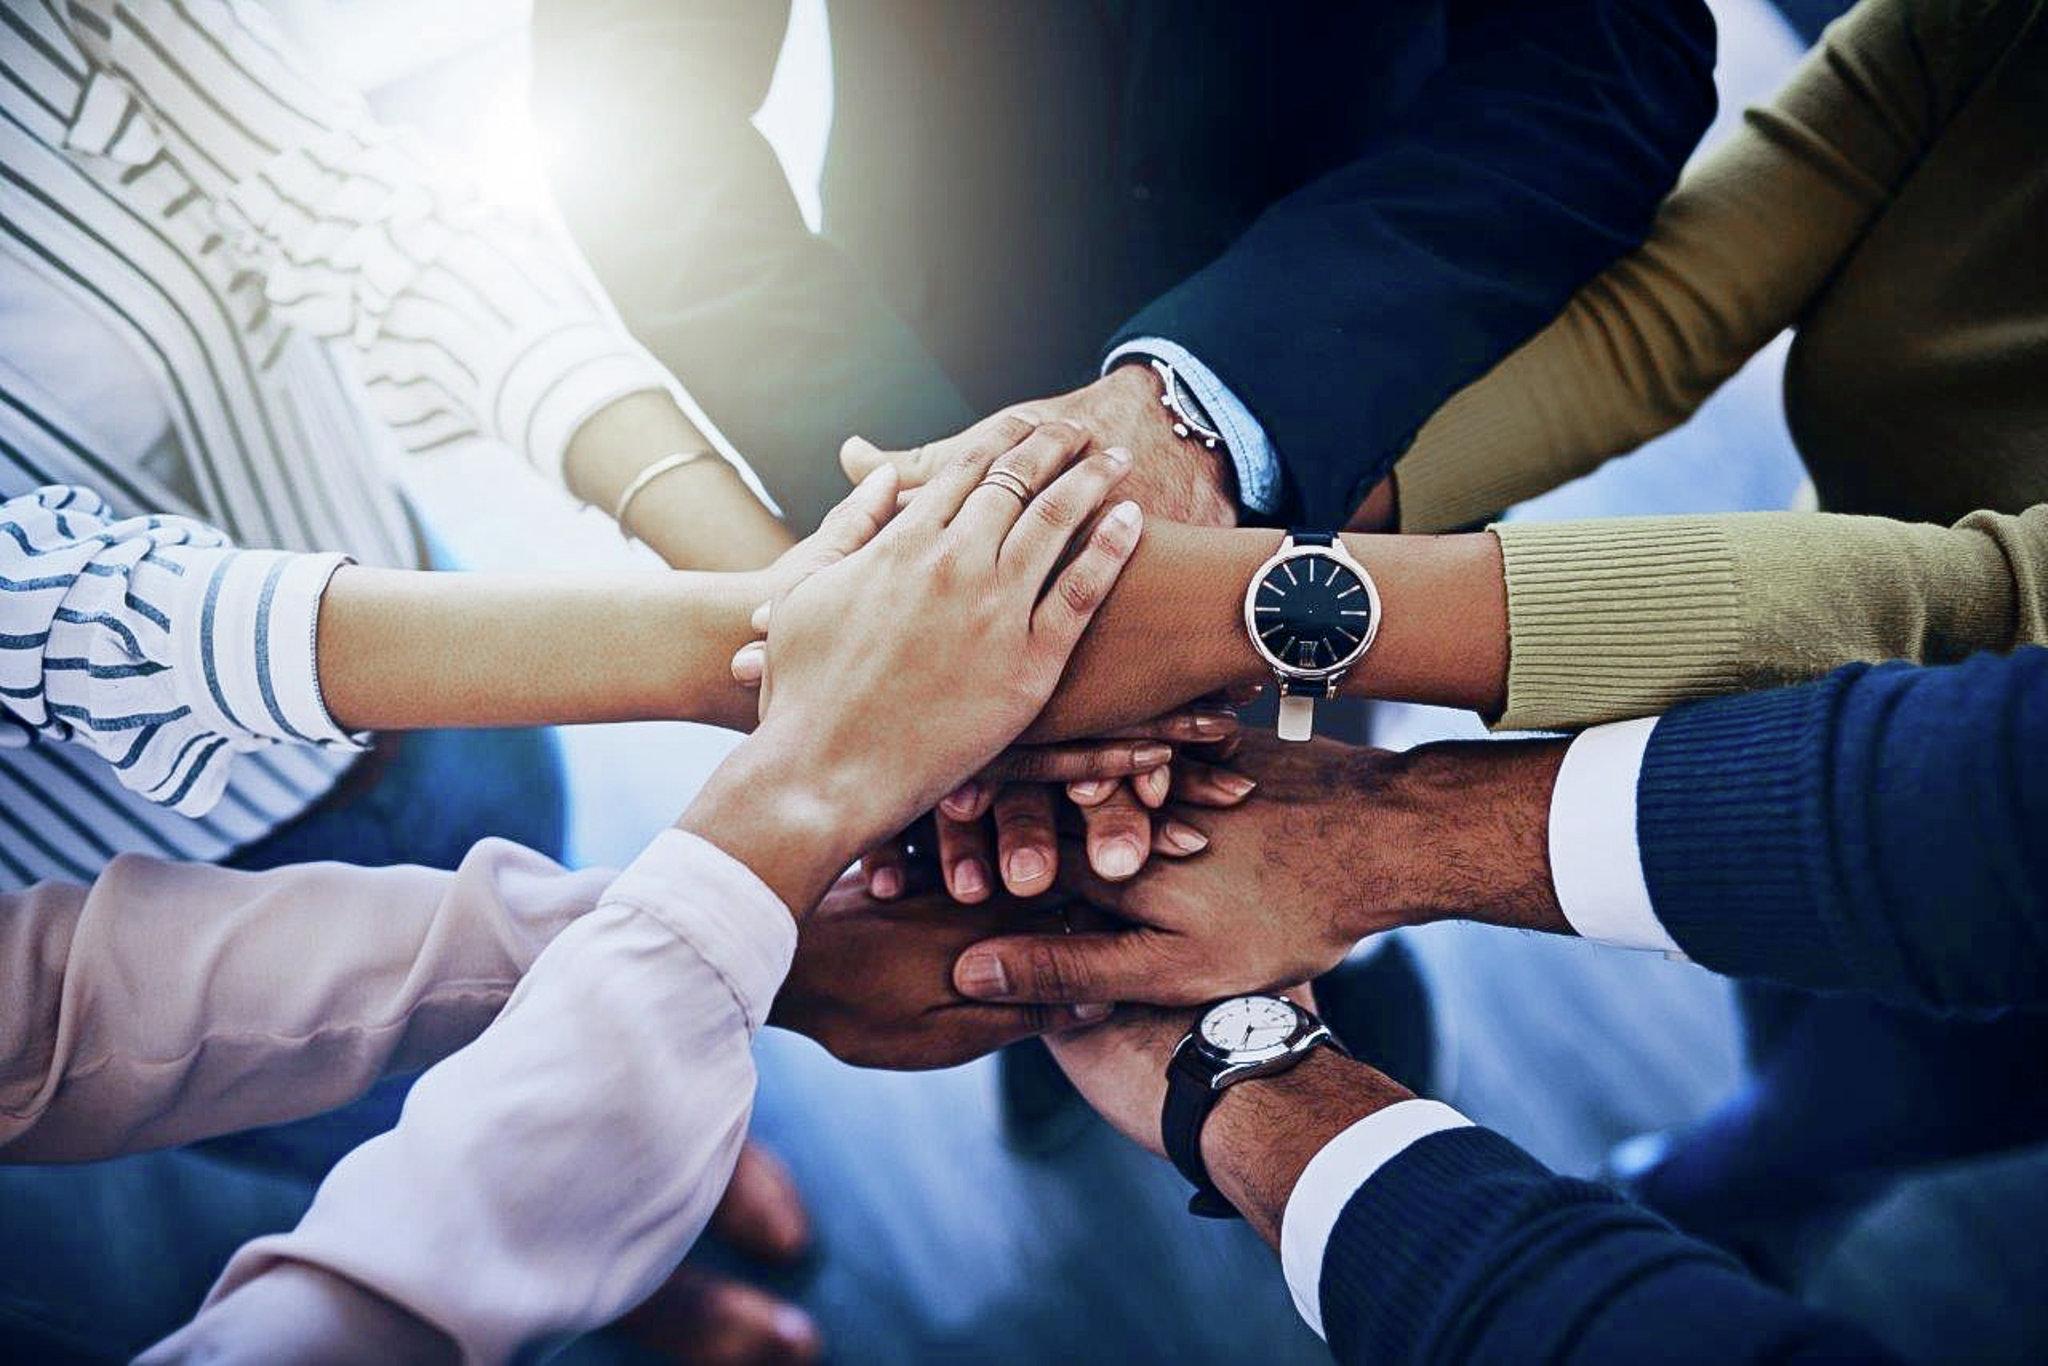 Six personnes se mettent la main l'une sur l'autre